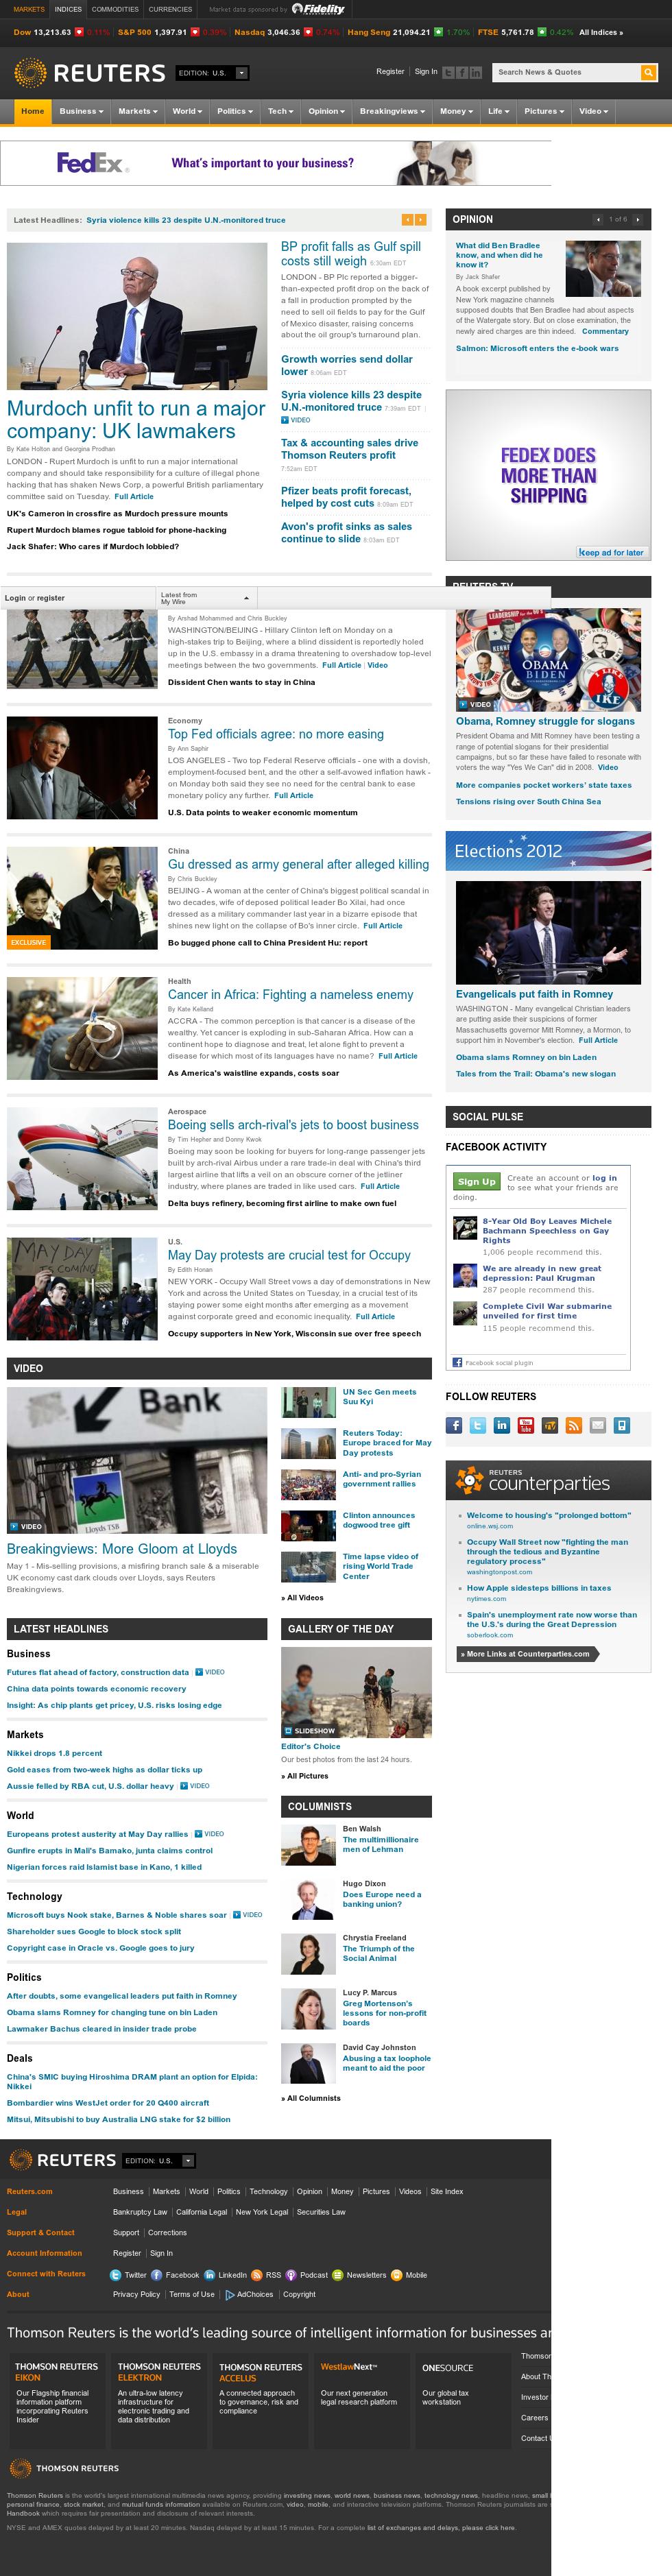 Reuters at Tuesday May 1, 2012, 12:14 p.m. UTC